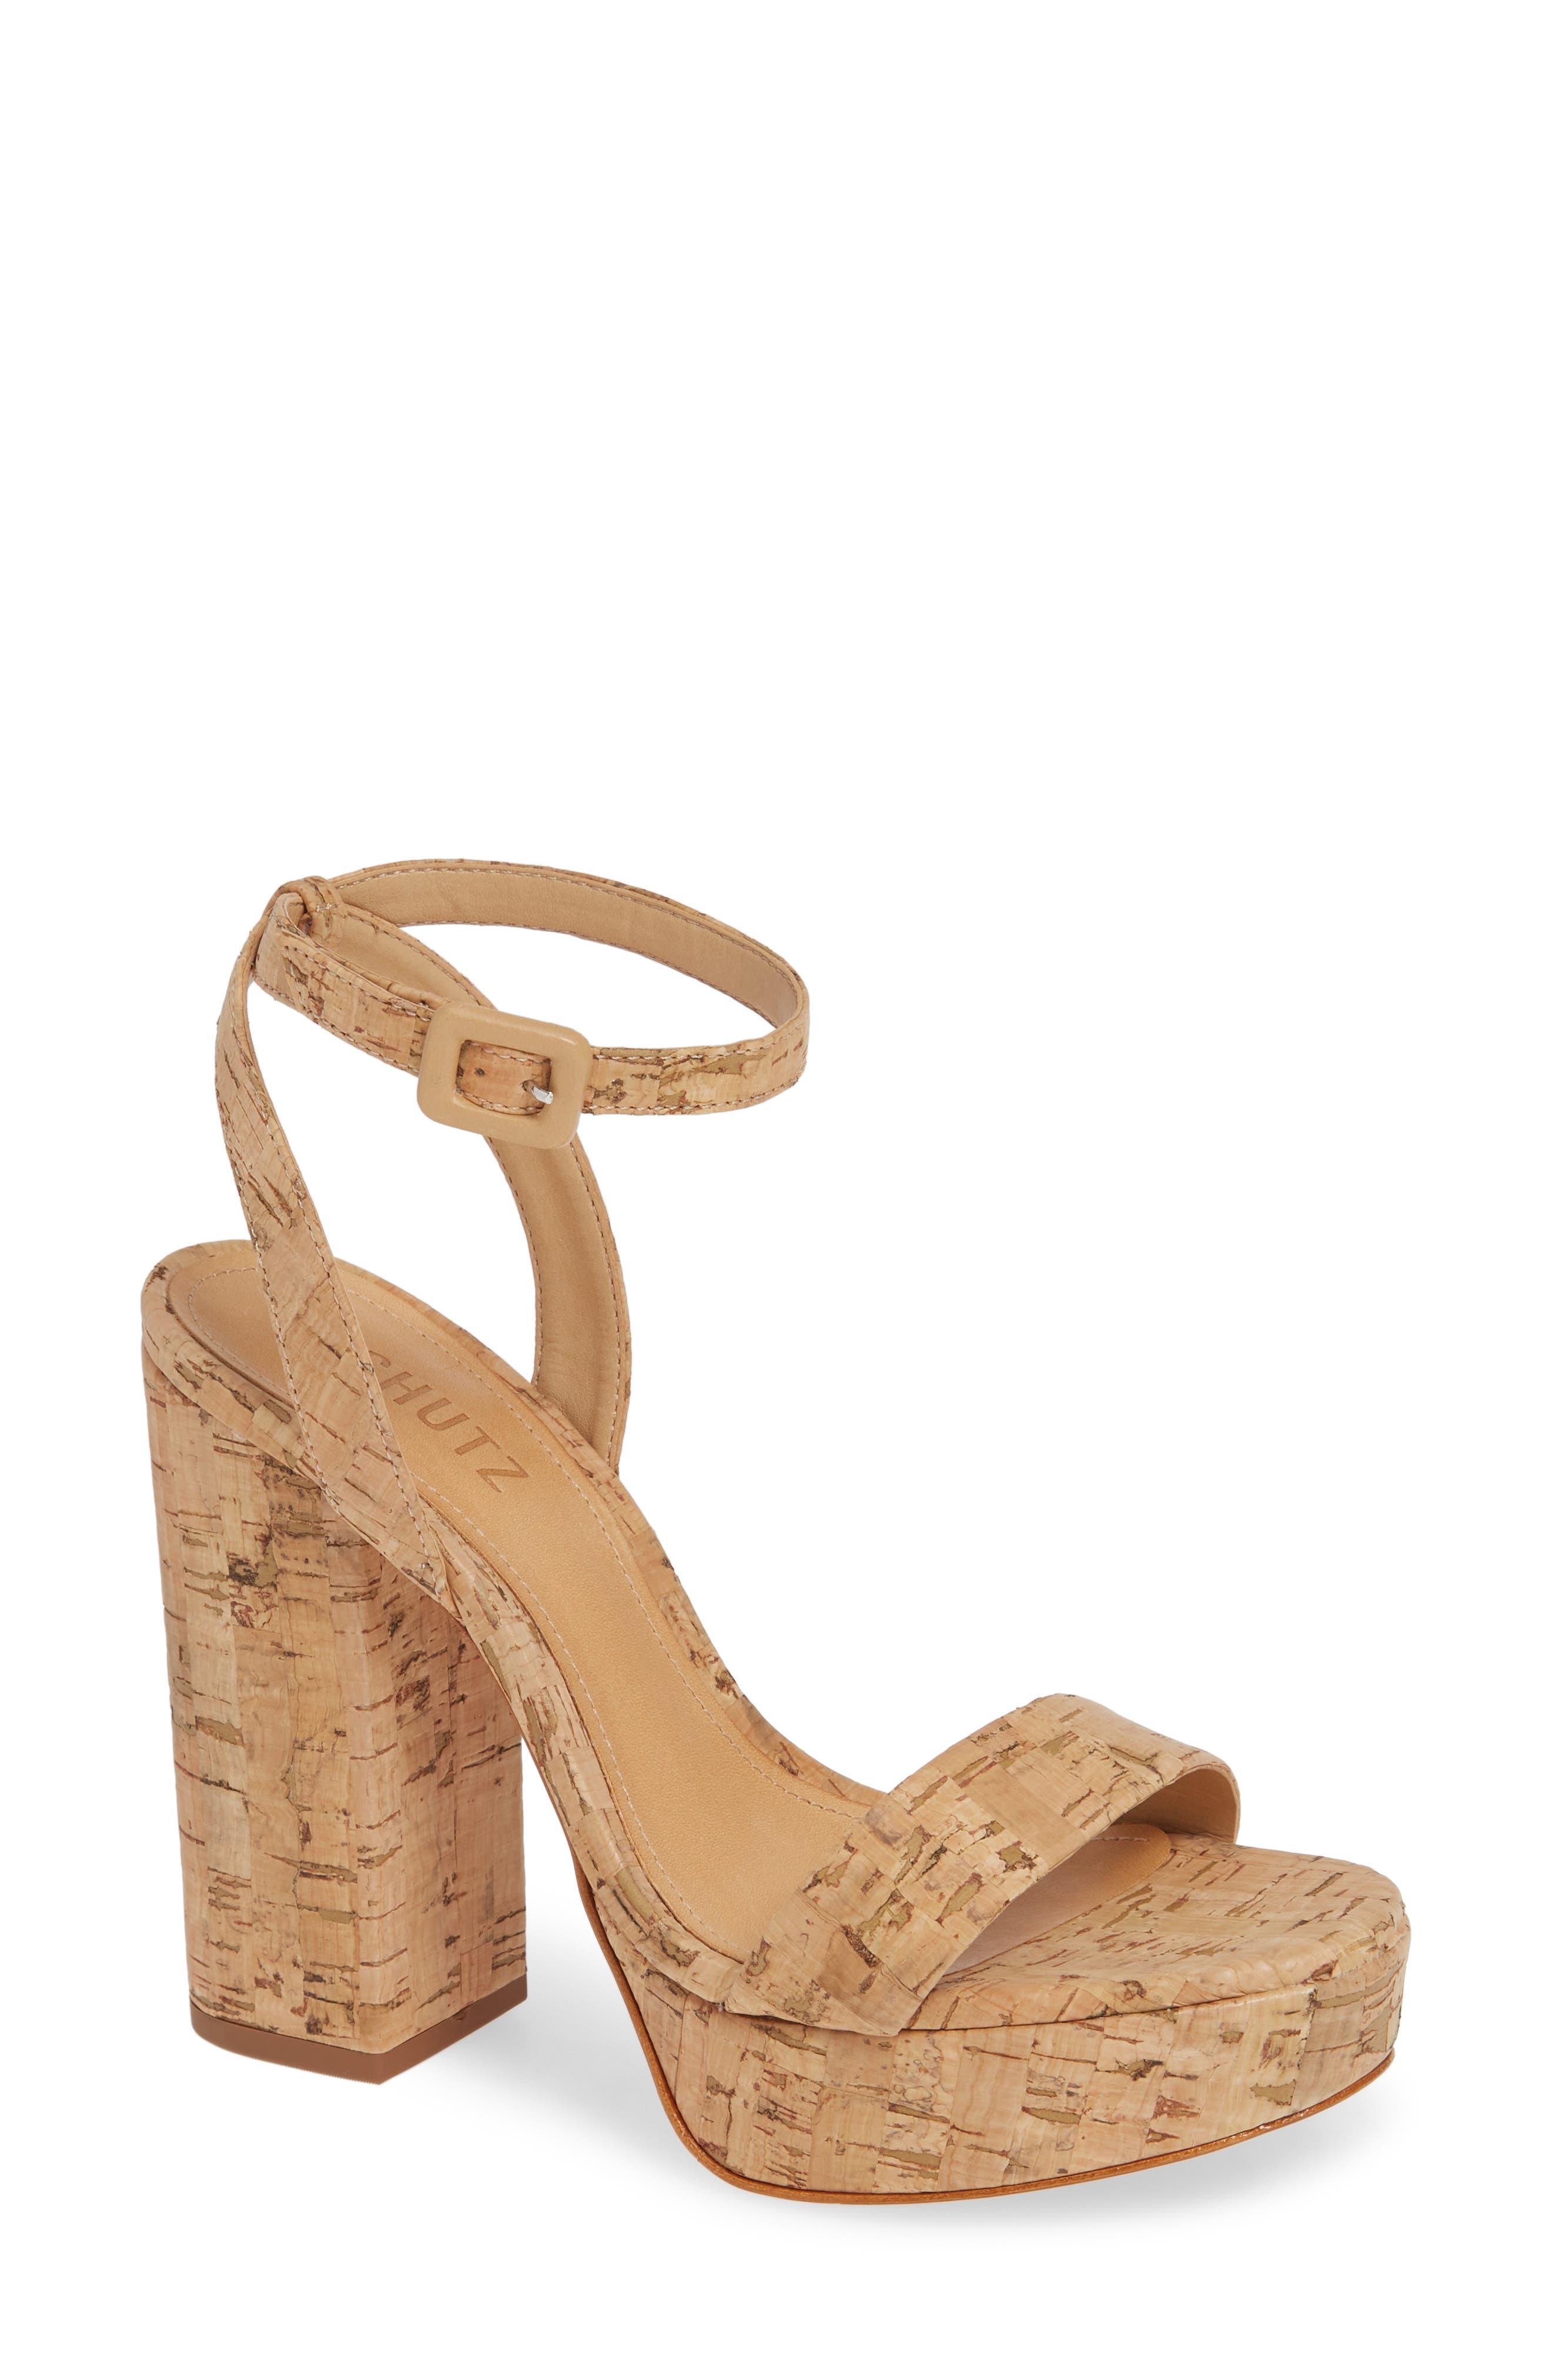 SCHUTZ Martine Platform Sandal, Main, color, NATURAL